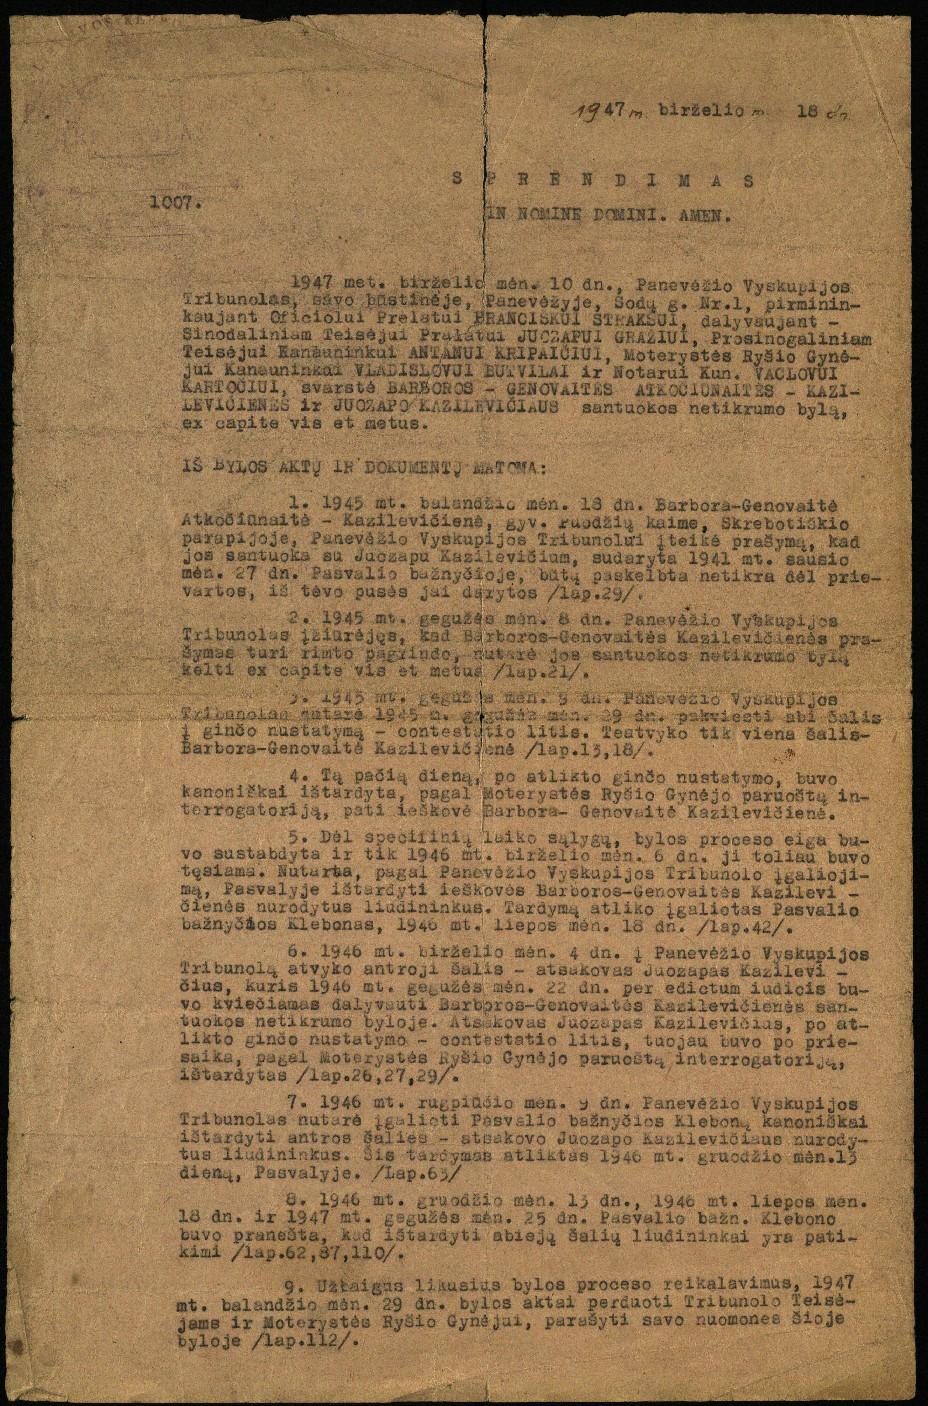 Panevėžio Vyskupijos Tribunolo sprendimas Genovaitės-Barboros Atkočiūnaitės-Kazilevičienės, gyv. Puodžių k., Skrebotiškio parapijoje, ir Juozapo Kazilevičiaus santuokos netikrumo byloje, 1947 m. birželio 18 d.